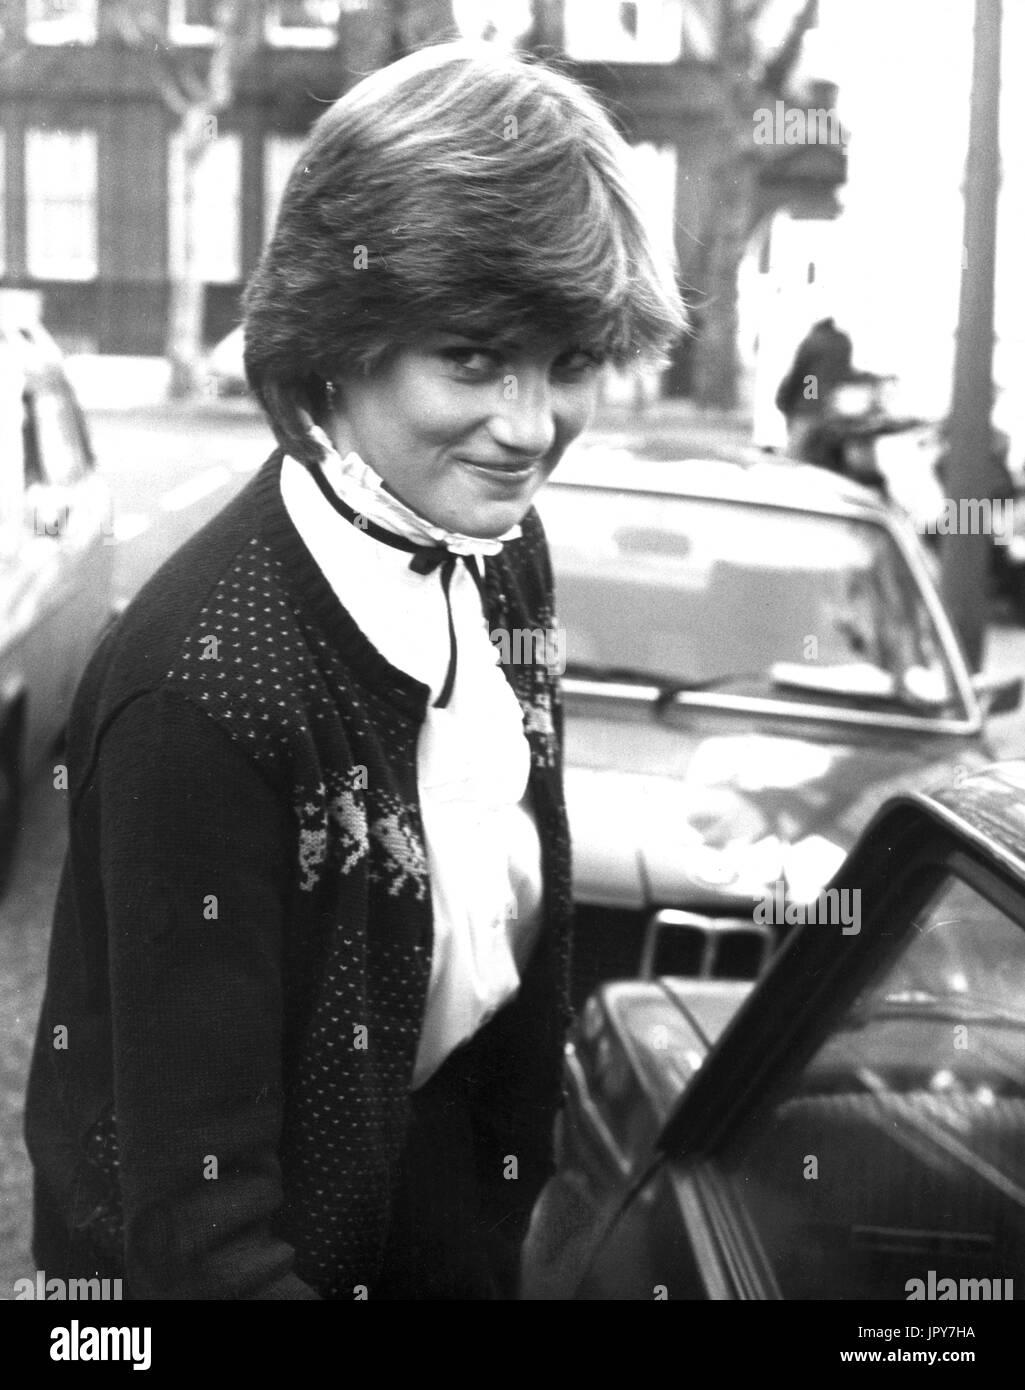 31 août 2017 marque 20 ans depuis la mort de la princesse Diana. La princesse Diana meurt de blessures graves dans les premières heures du 31 août 1997 après un accident de voiture à Paris. Sur la photo: Nov 15, 1980 - Londres, Angleterre, Royaume-Uni - 19 ans, Lady Diana Spencer, comme elle l'appelait à l'époque, revient à son appartement au tout début de sa relation avec le Prince Charles. Crédit: KEYSTONE Photos USA/ZUMAPRESS.com/Alamy Live News Banque D'Images